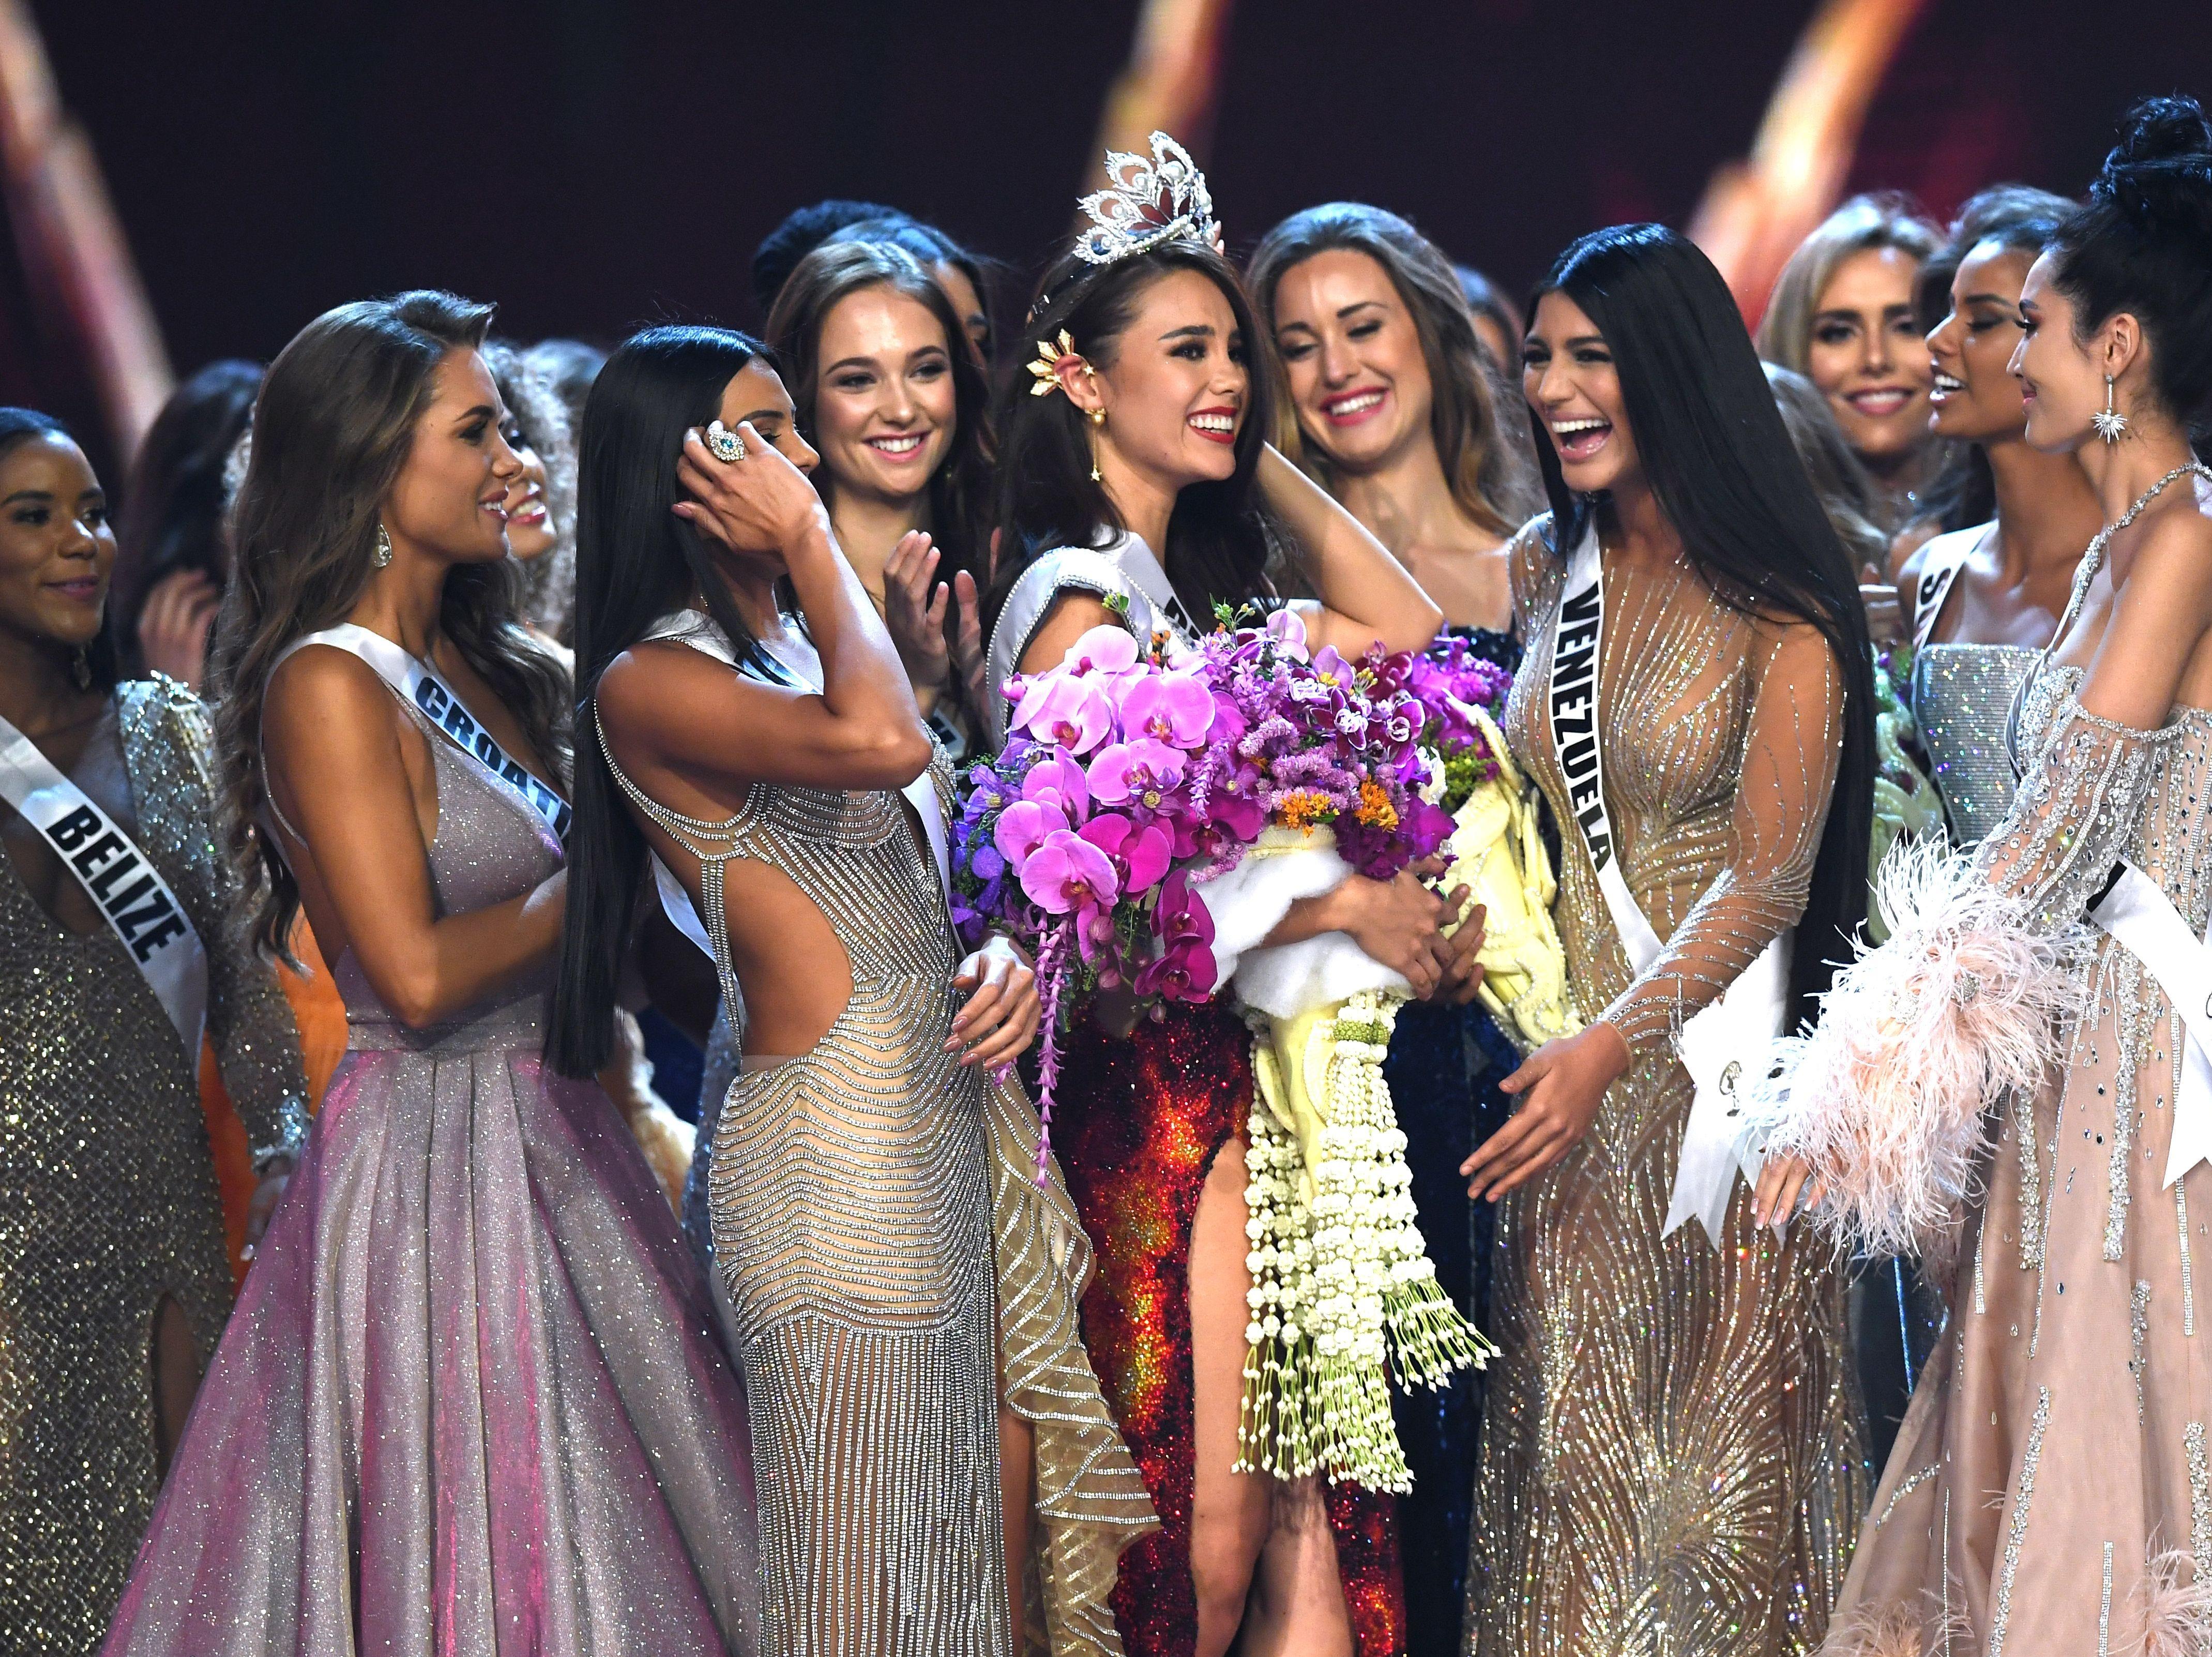 Catriona Grey de Filipinas (centro) es felicitada por los participantes después de ganar la Miss Universo 2018 el 17 de diciembre de 2018 en Bangkok.